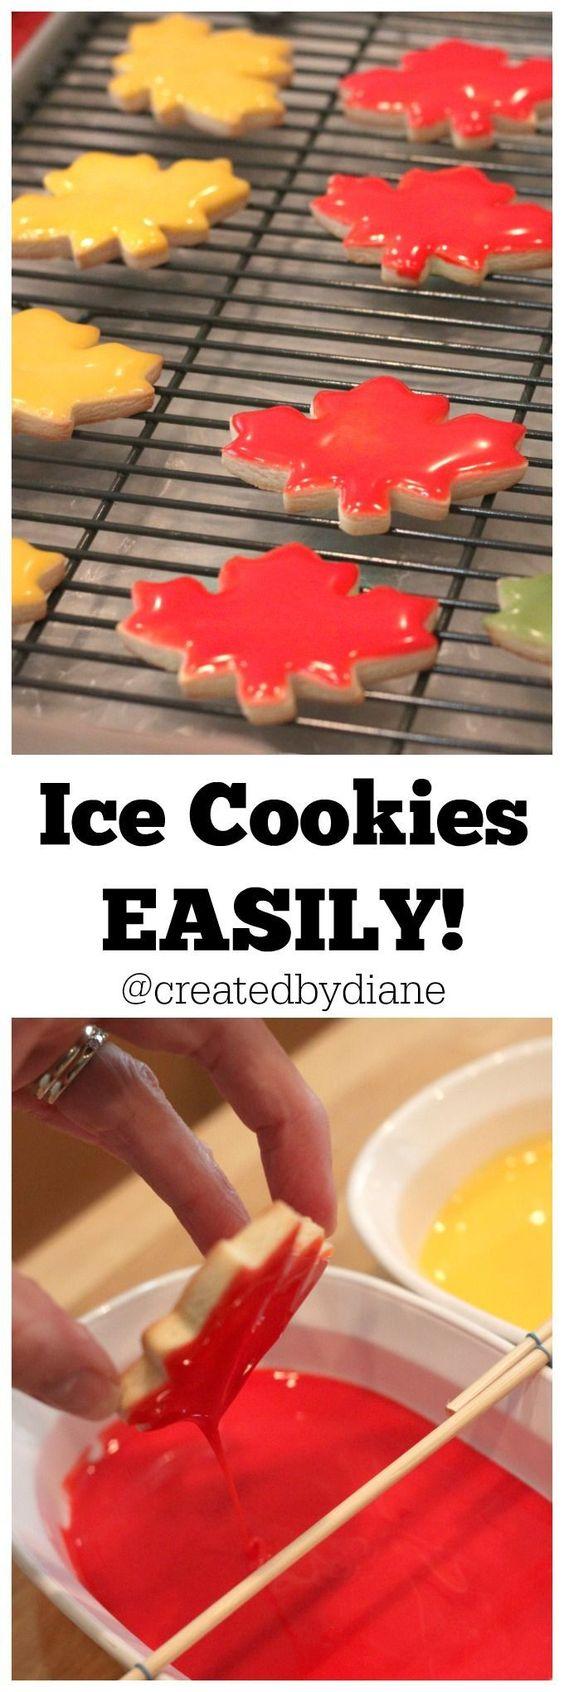 Ice Cookies EASILY /createdbydiane/